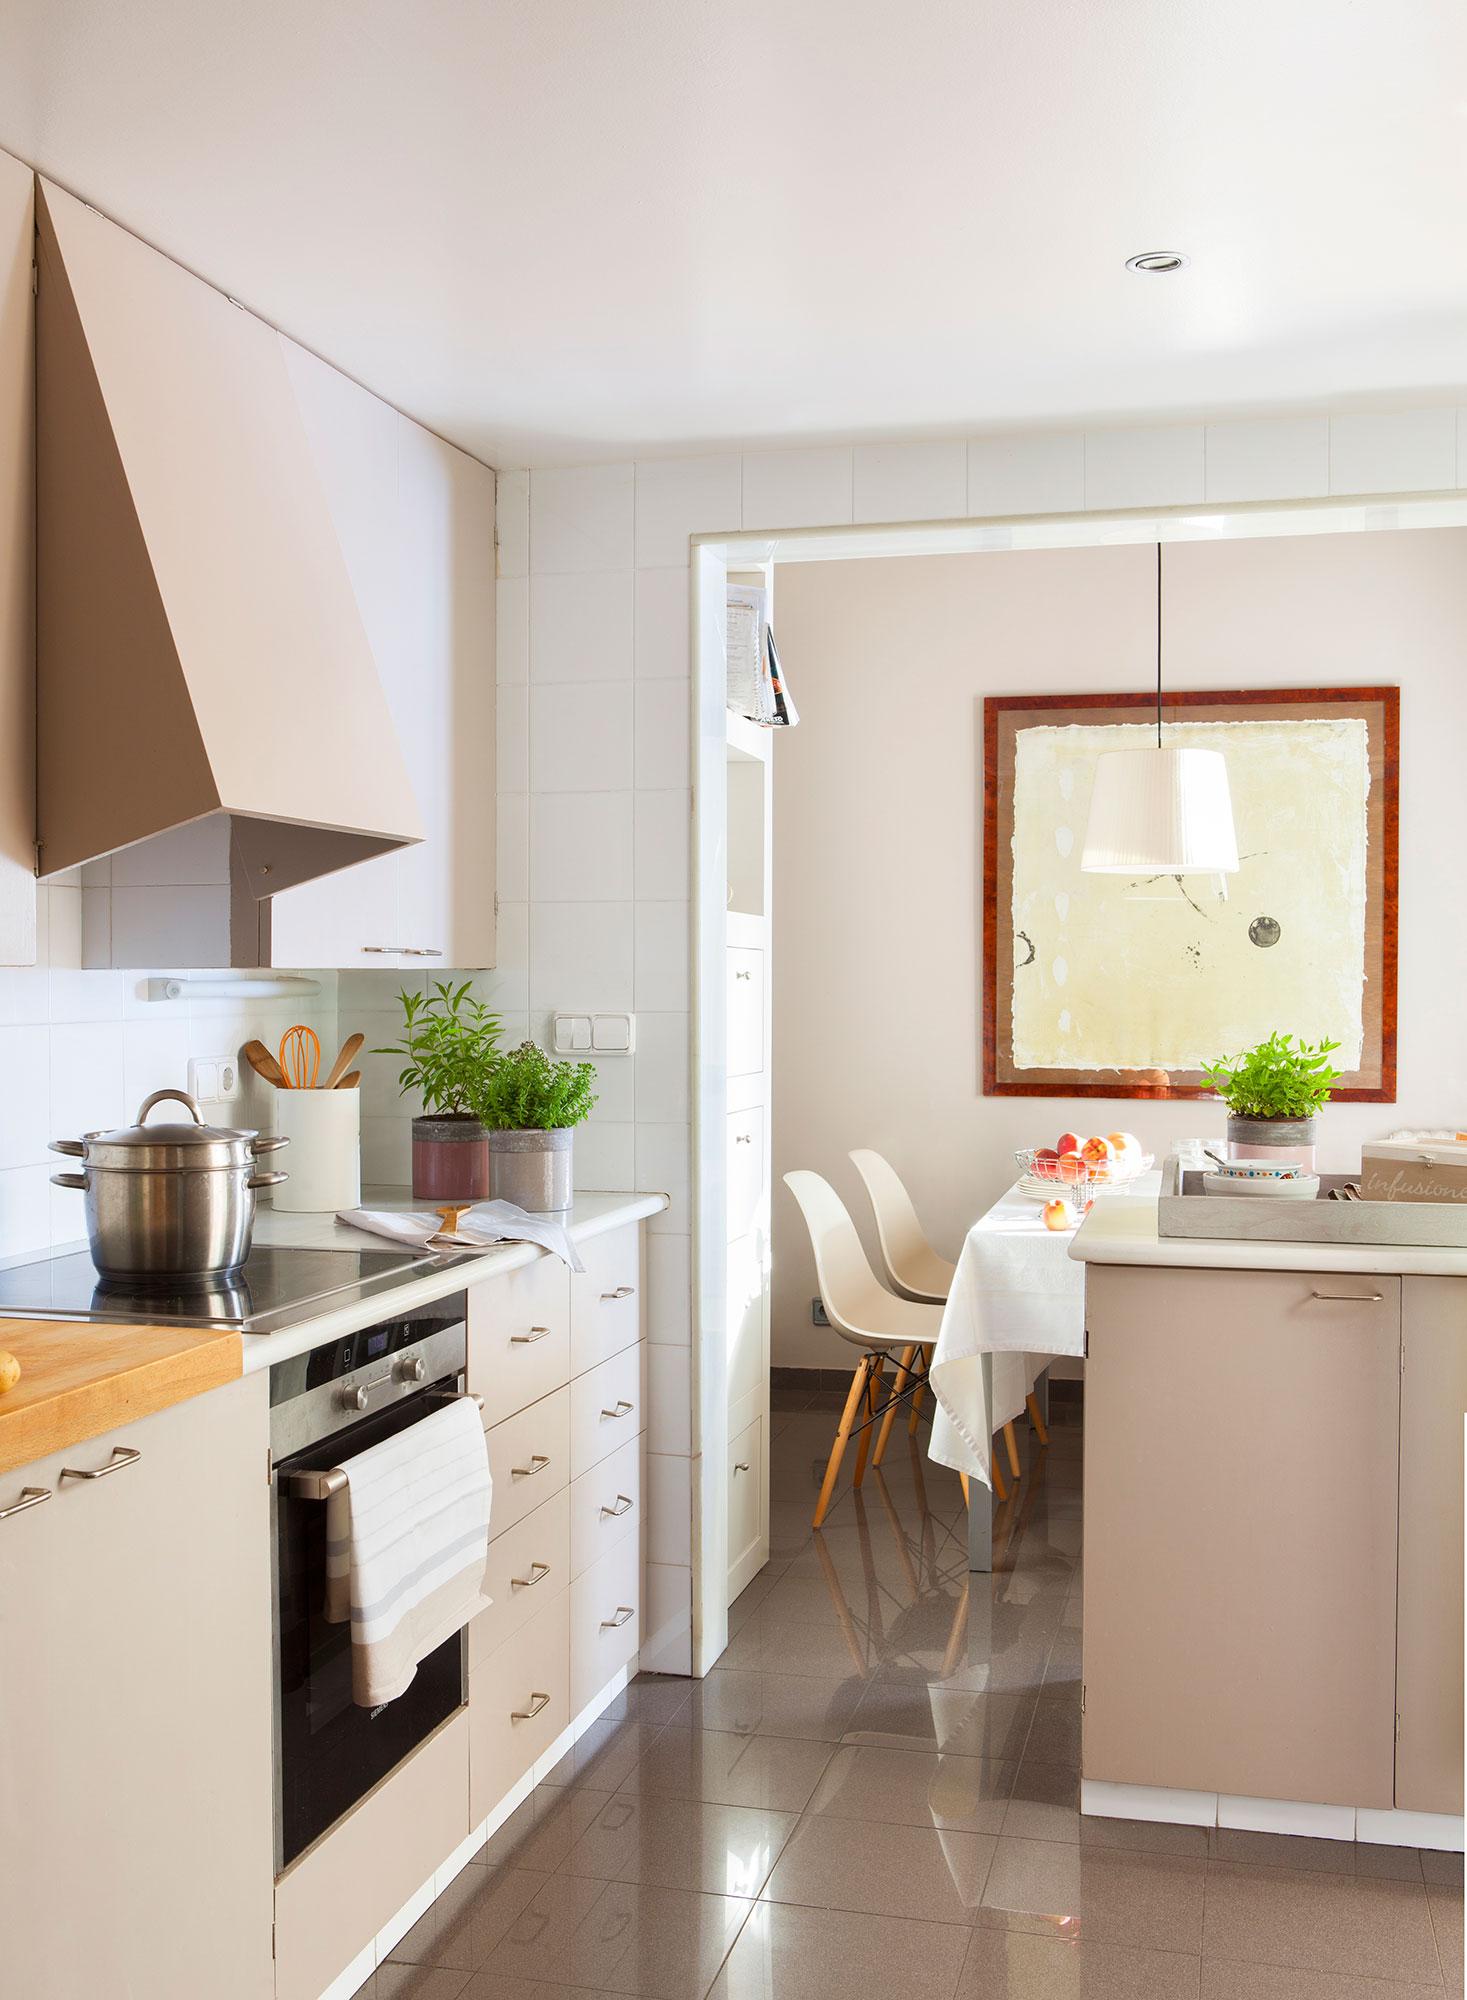 Renovar la cocina sin obras 10 reformas low cost for Renovar cocinas sin obras